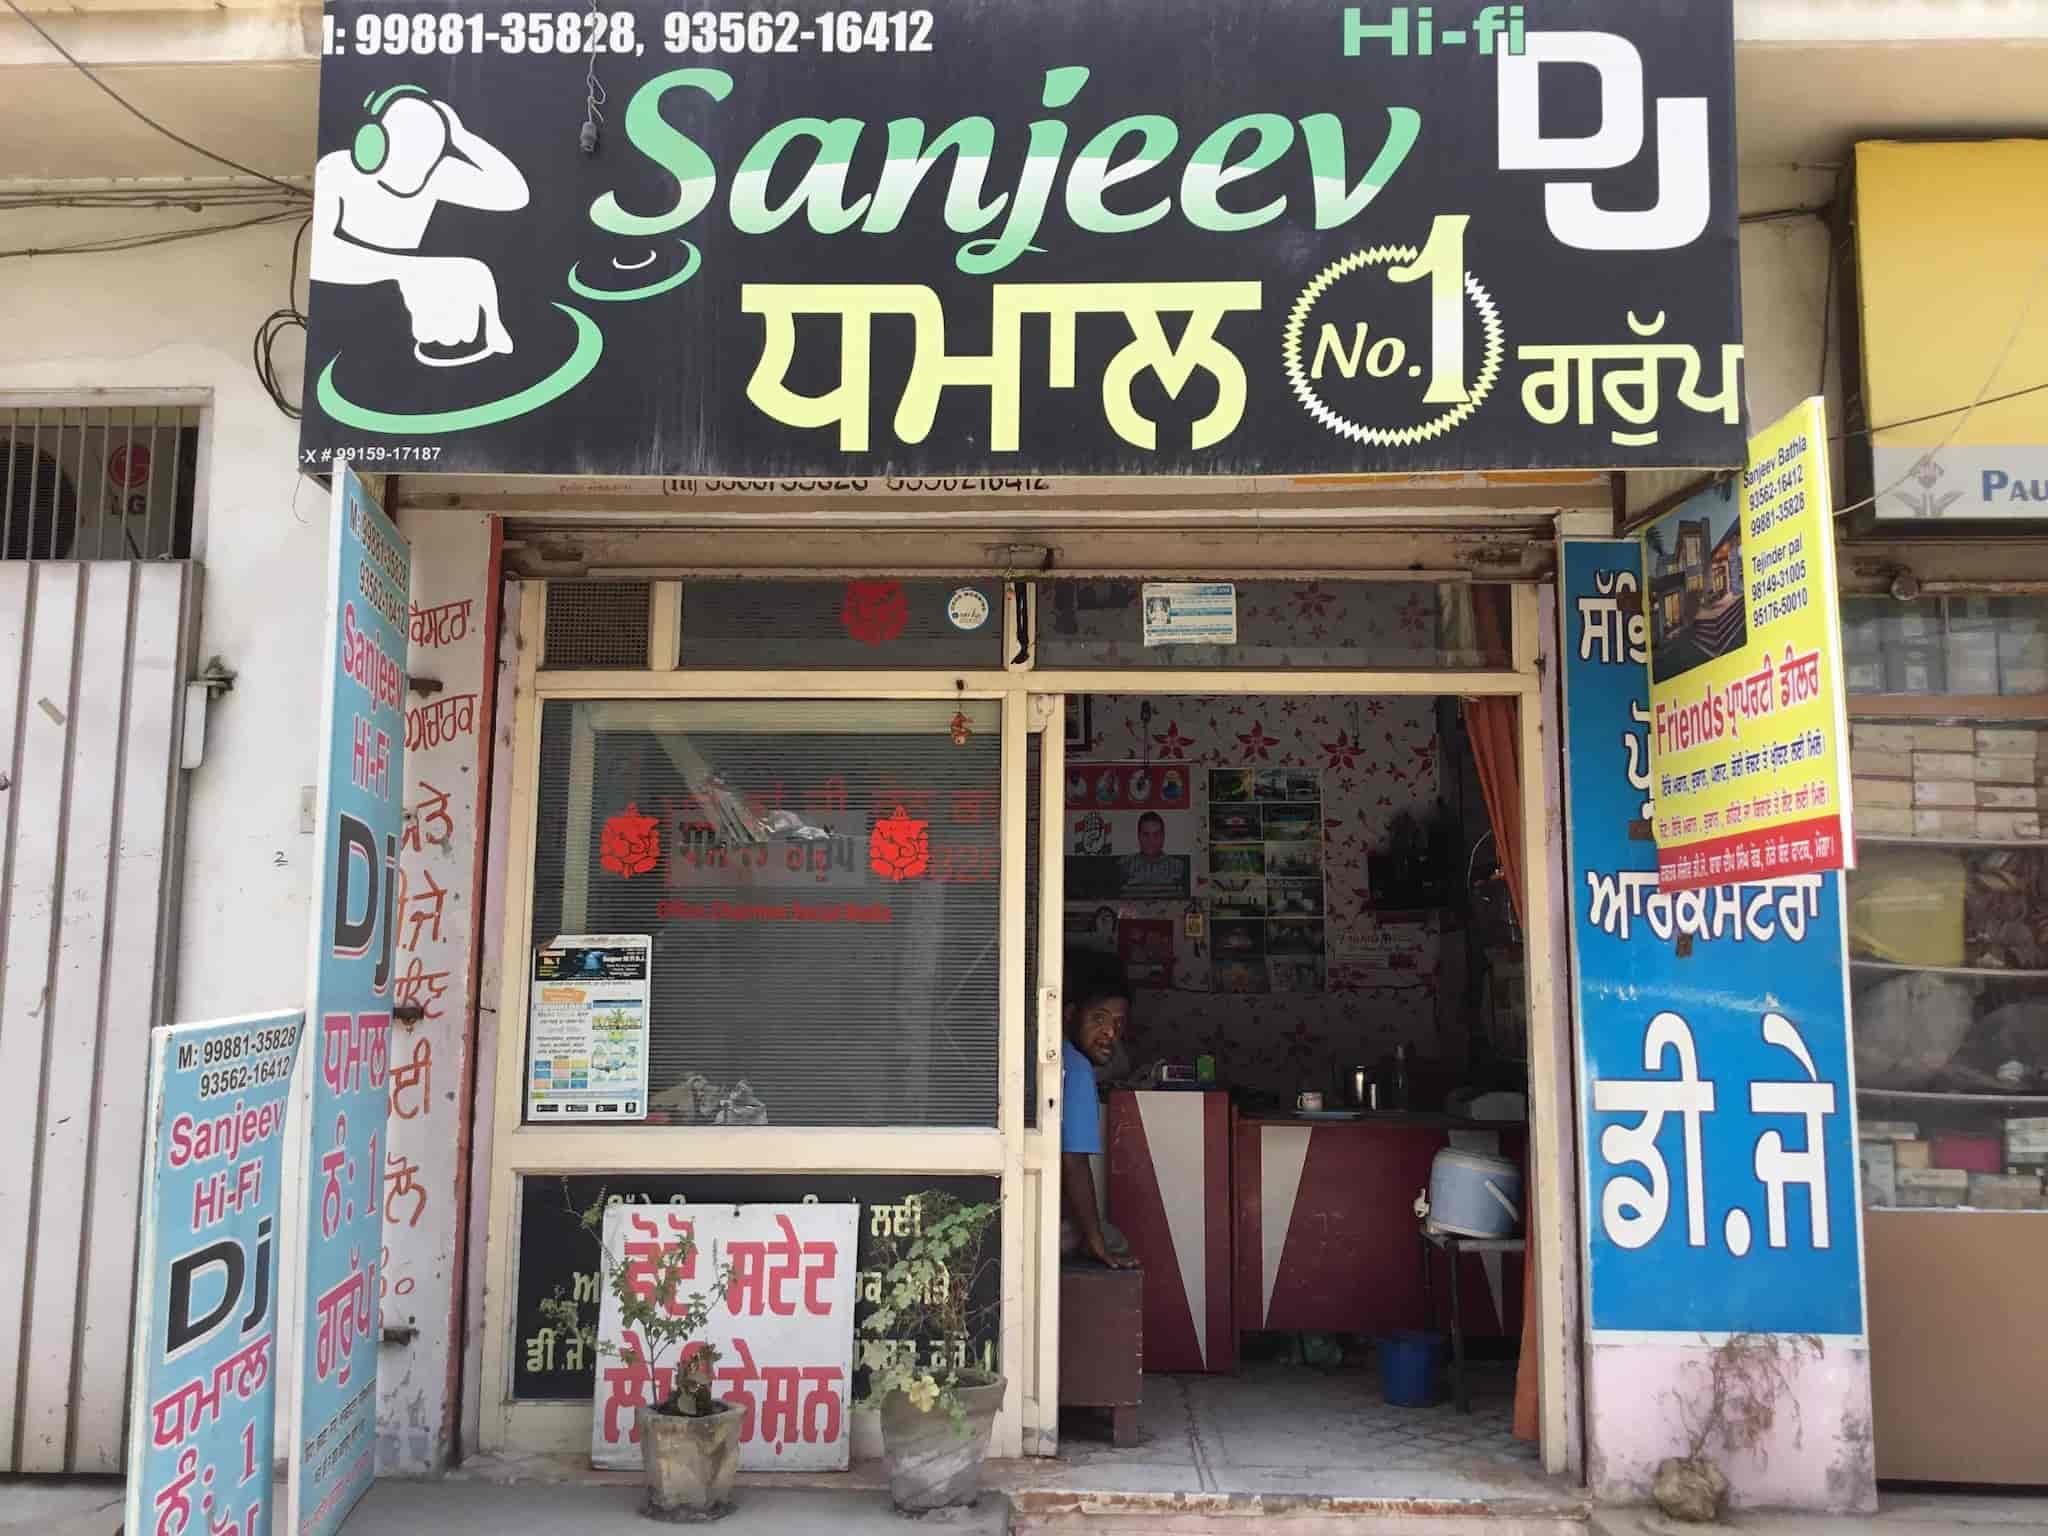 Sanjeev Hi Fi DJ & Culture Group, Near Band Faatak